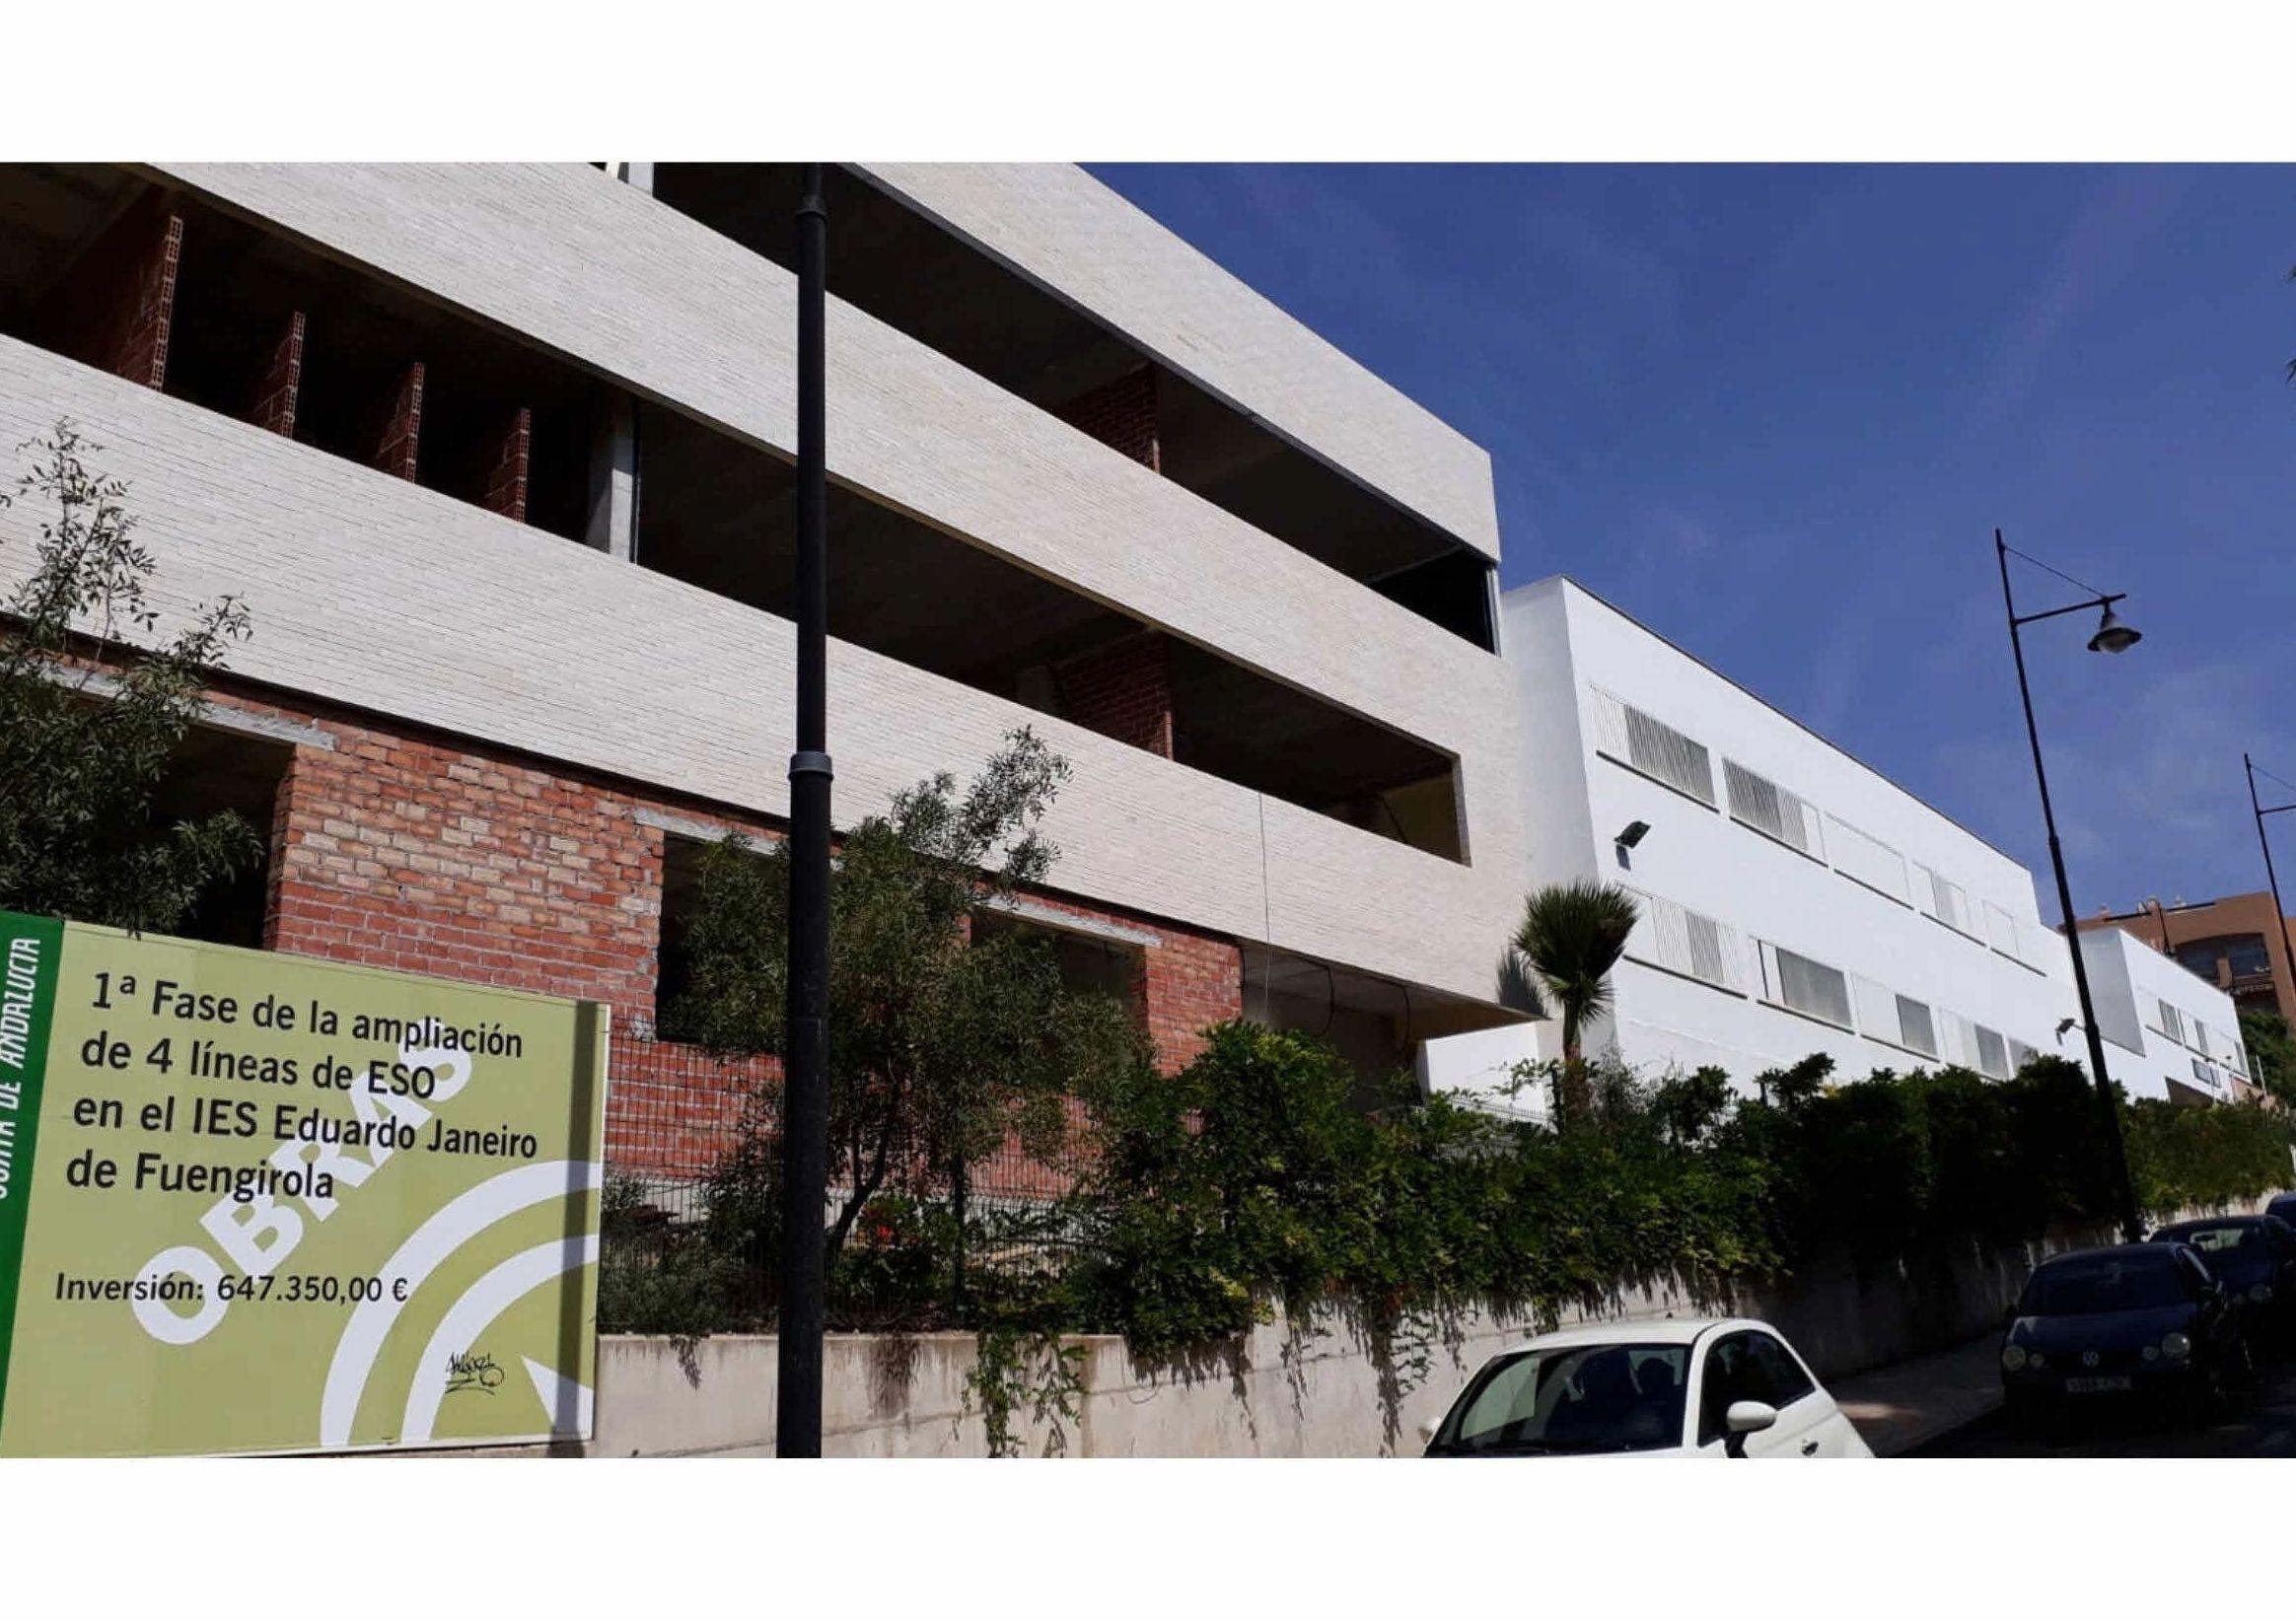 Ejecución de la Instalación Eléctrica, Telecomunicaciones y Especiales de la 1ª Fase del IES Eduardo Janeiro de Fuengirola.